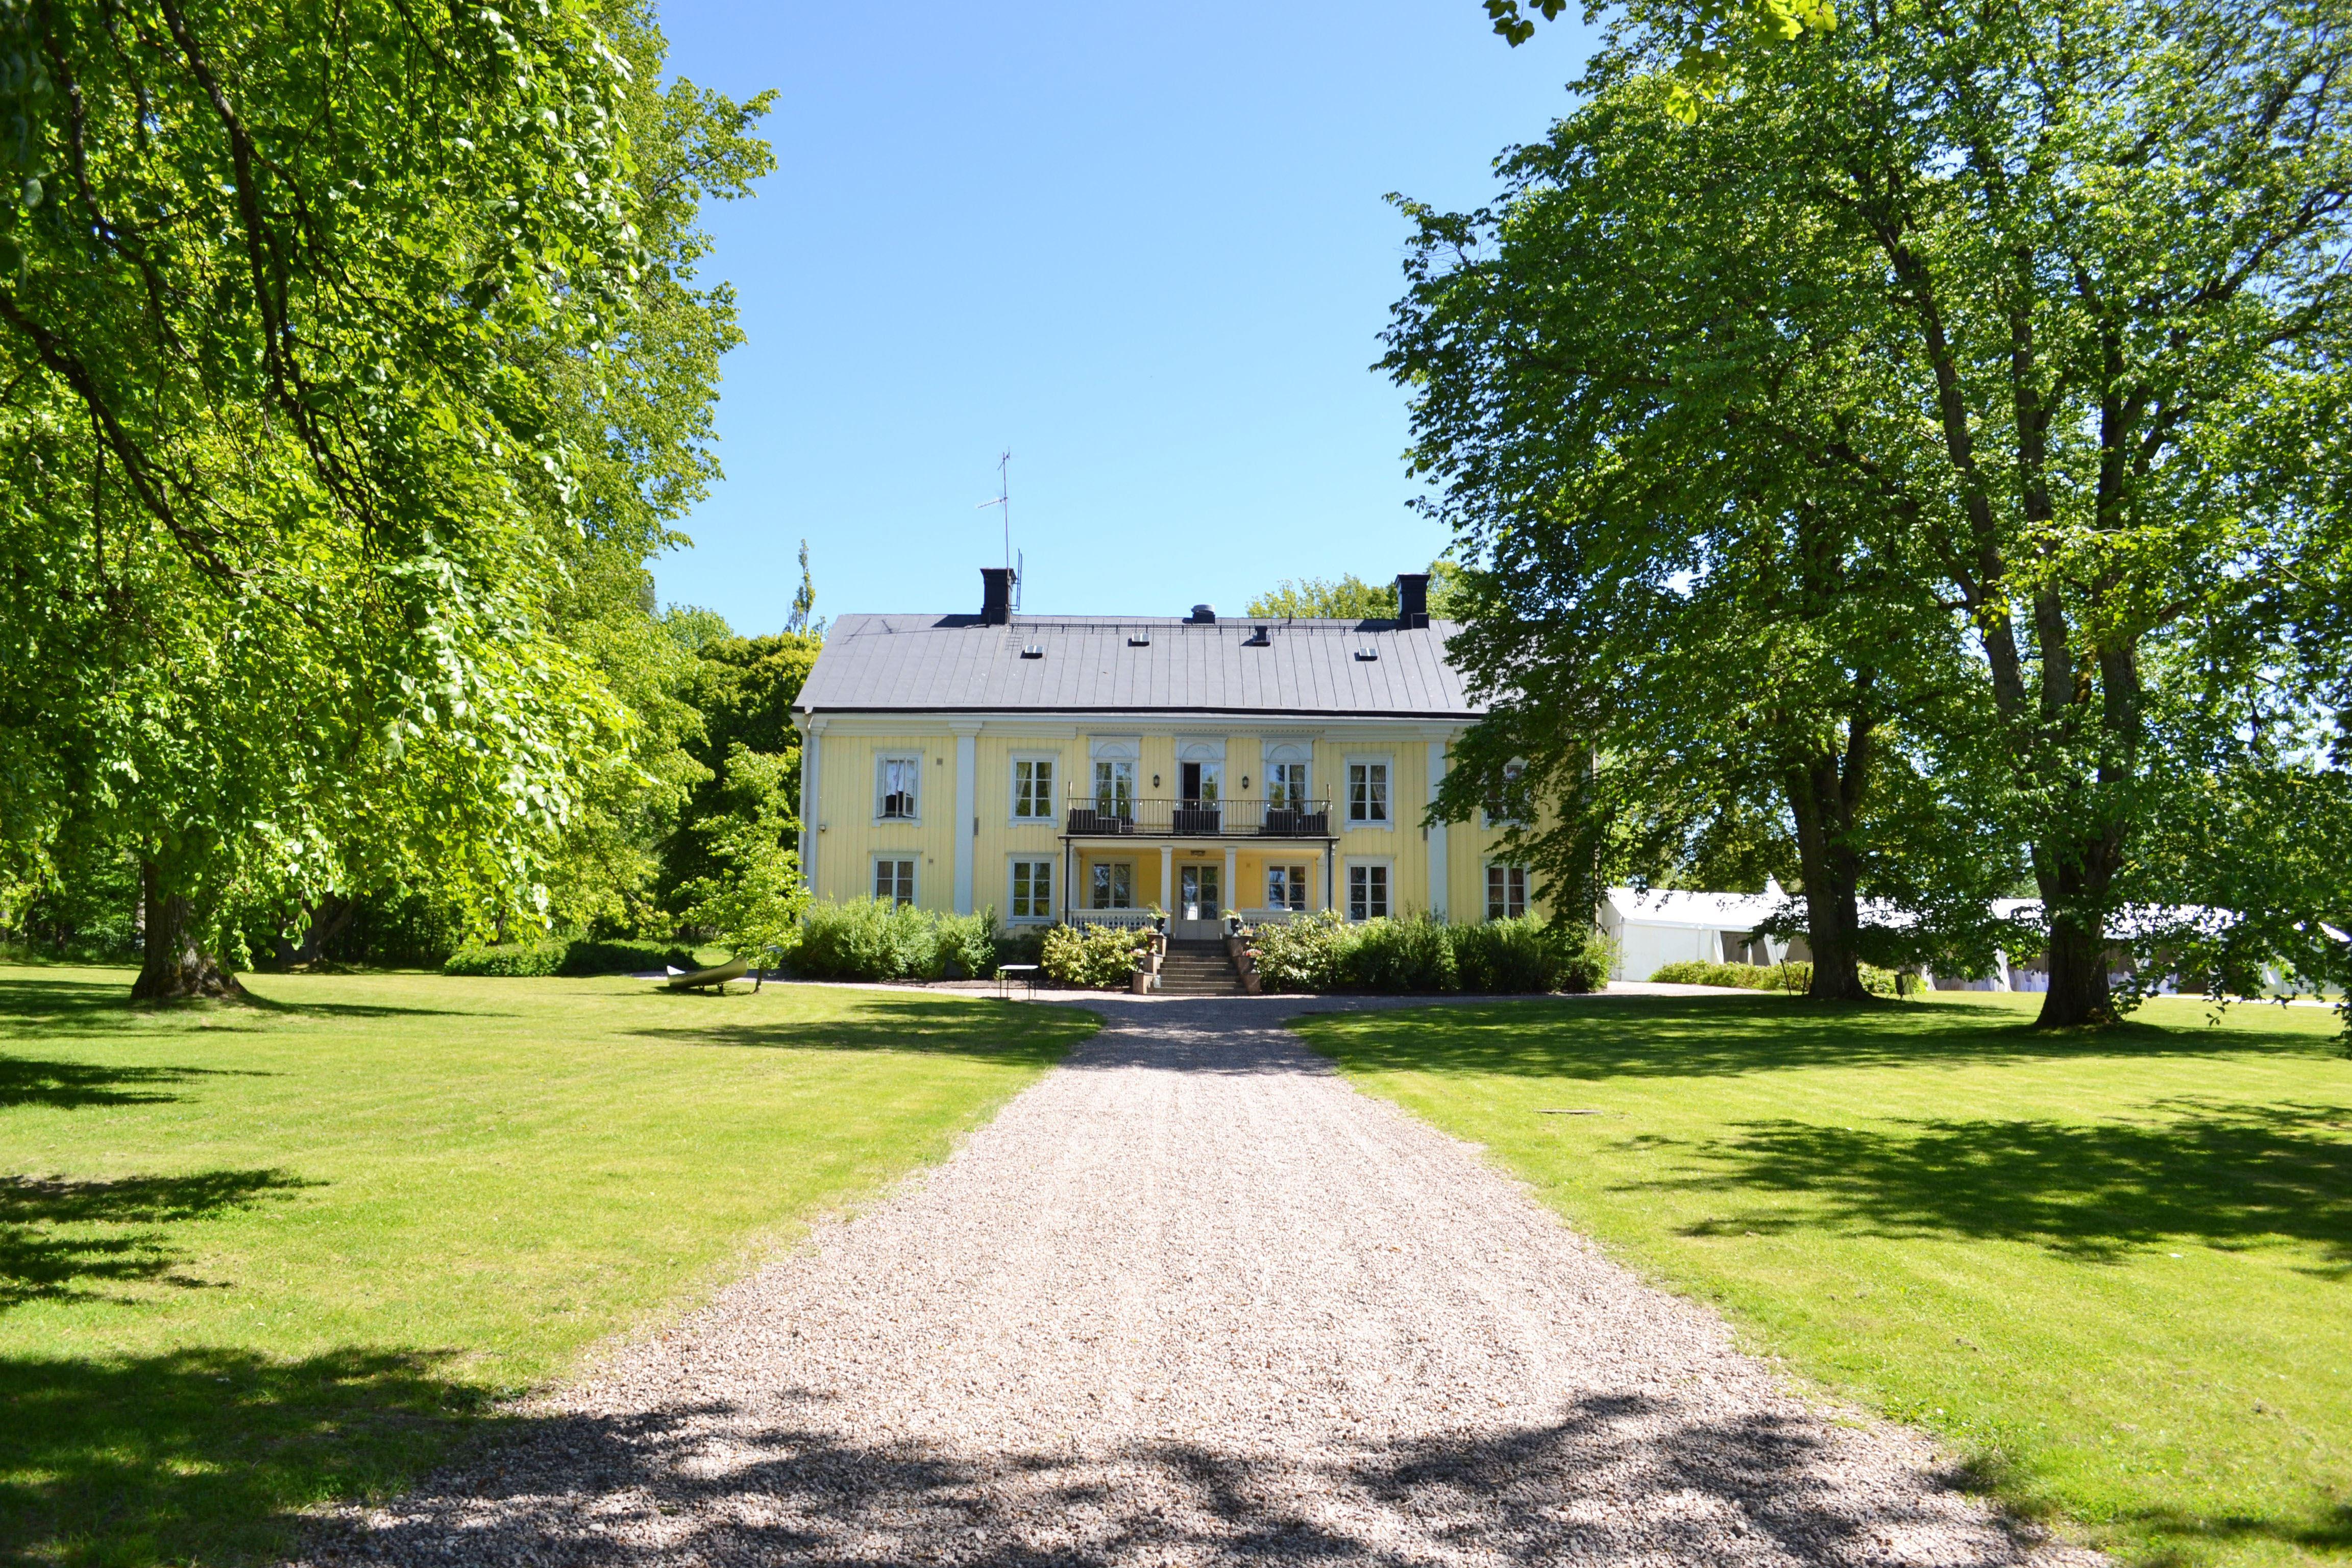 Kristinehamn Herrgårdscamping & Ferienhäuser/Camping